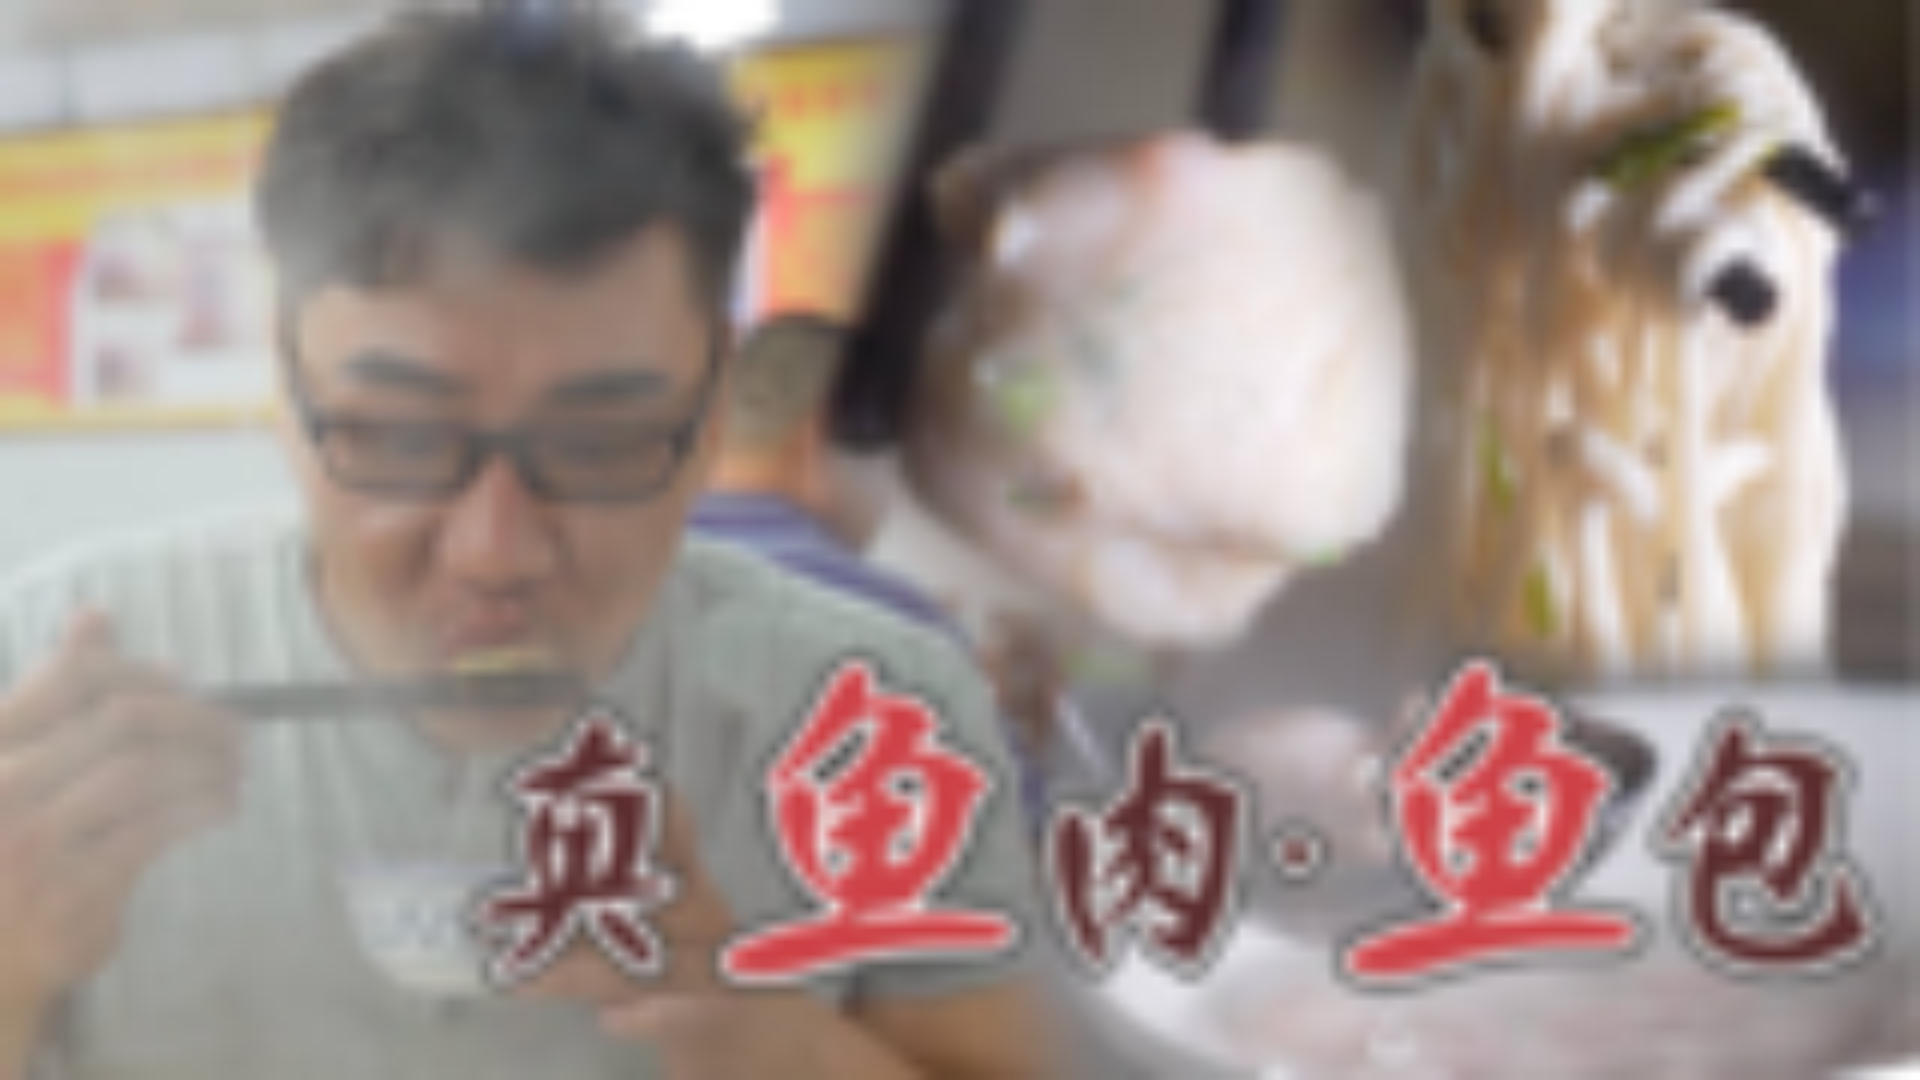 虽然广州一直拒绝入冬,但夜晚吃个纯鱼肉鱼包打边炉还是挺爽的!